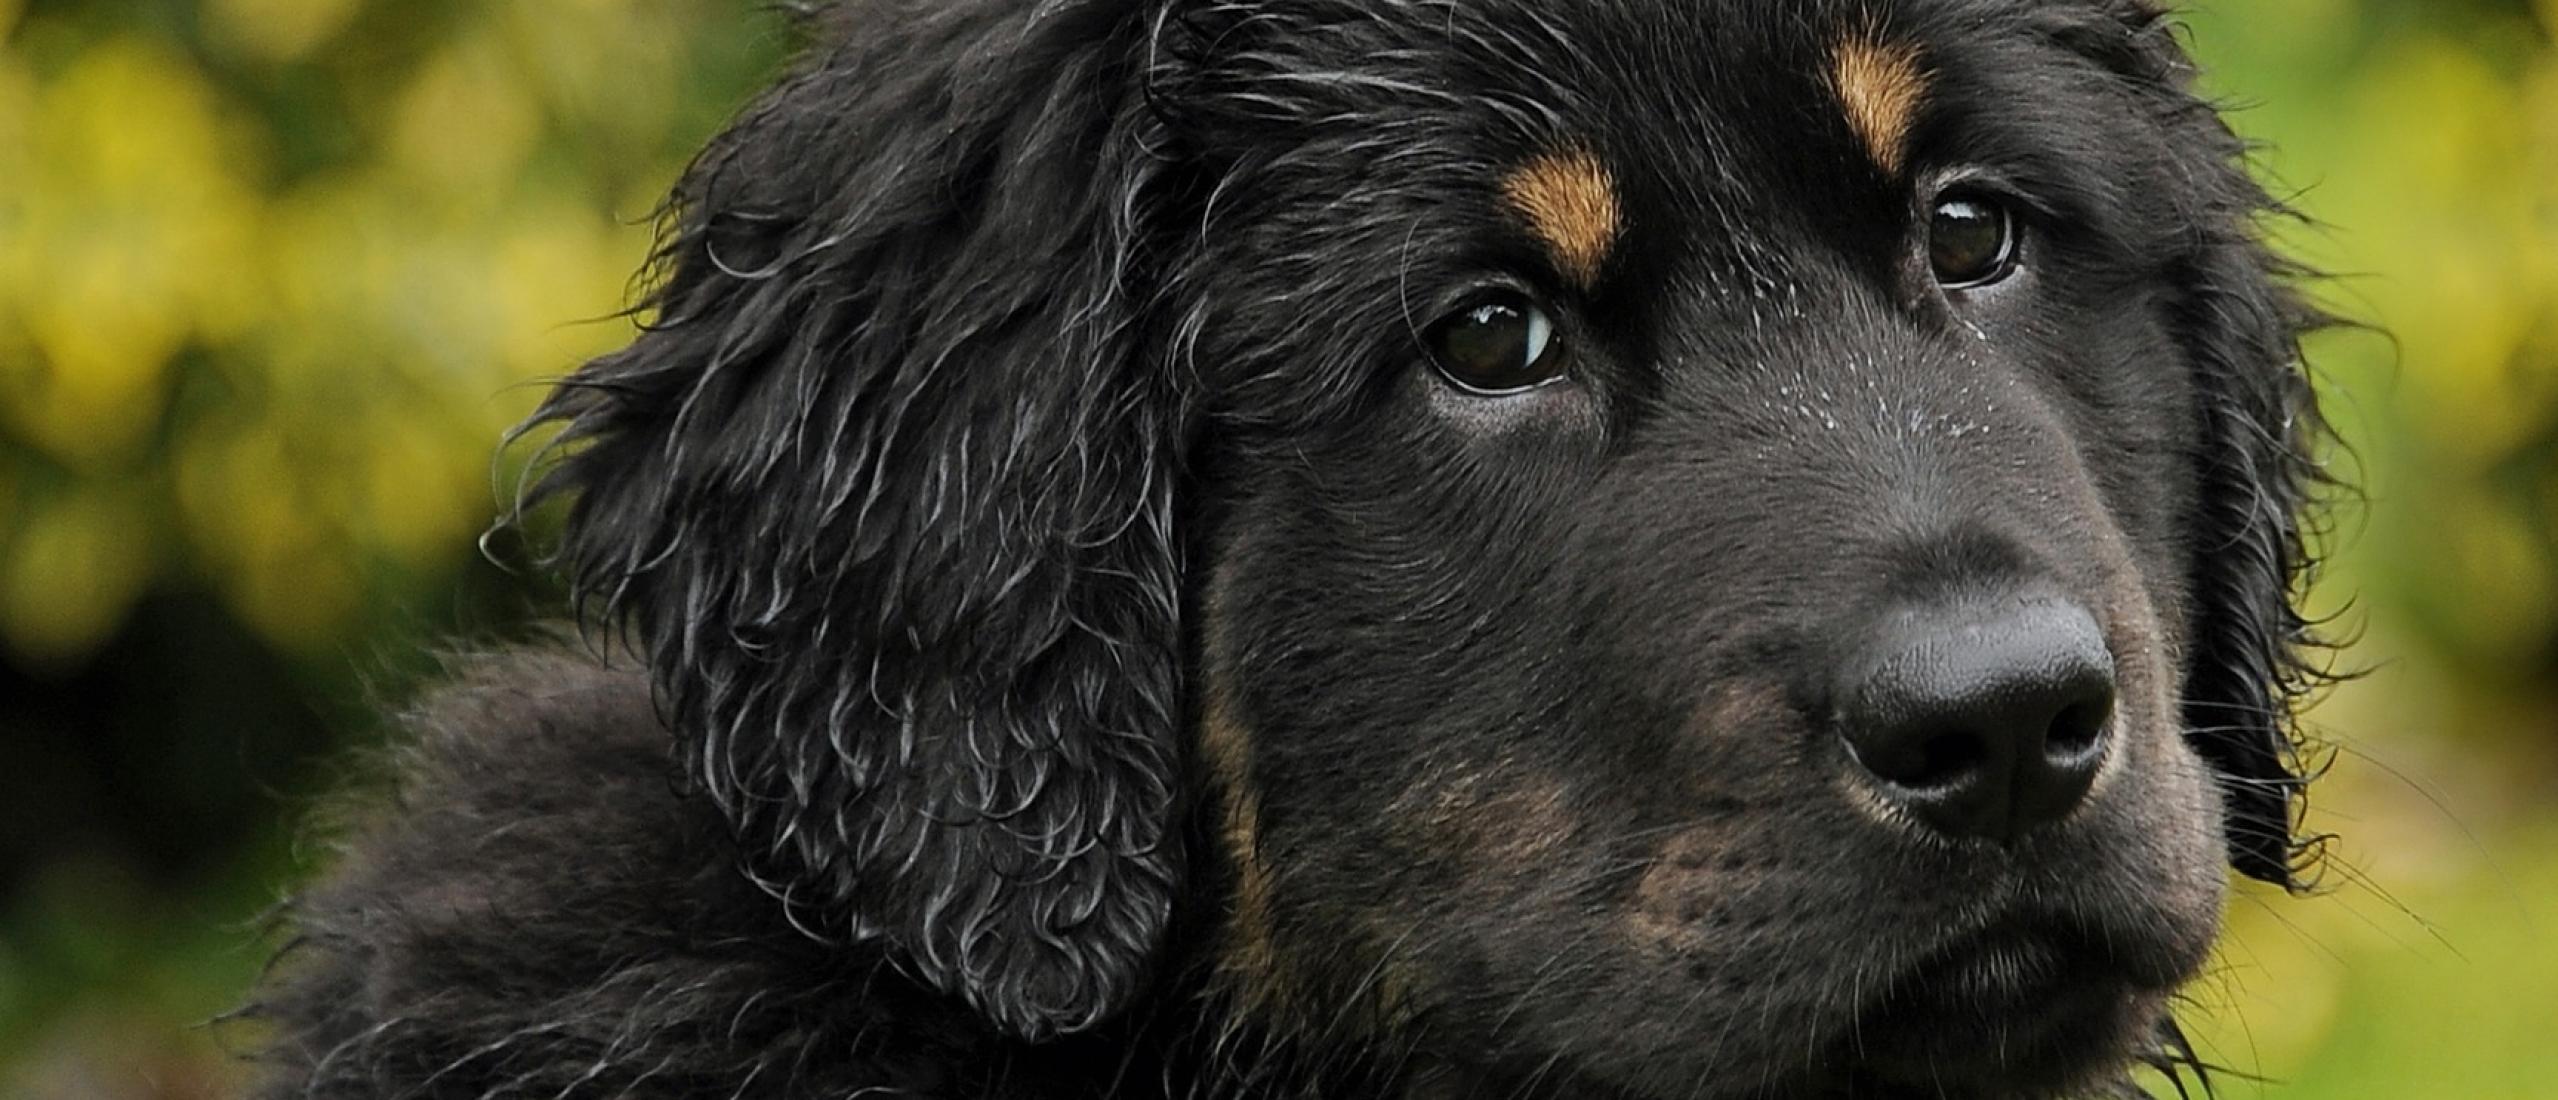 Gedrag van jouw hond: voor jou ongewenst, voor je hond een oplossing?